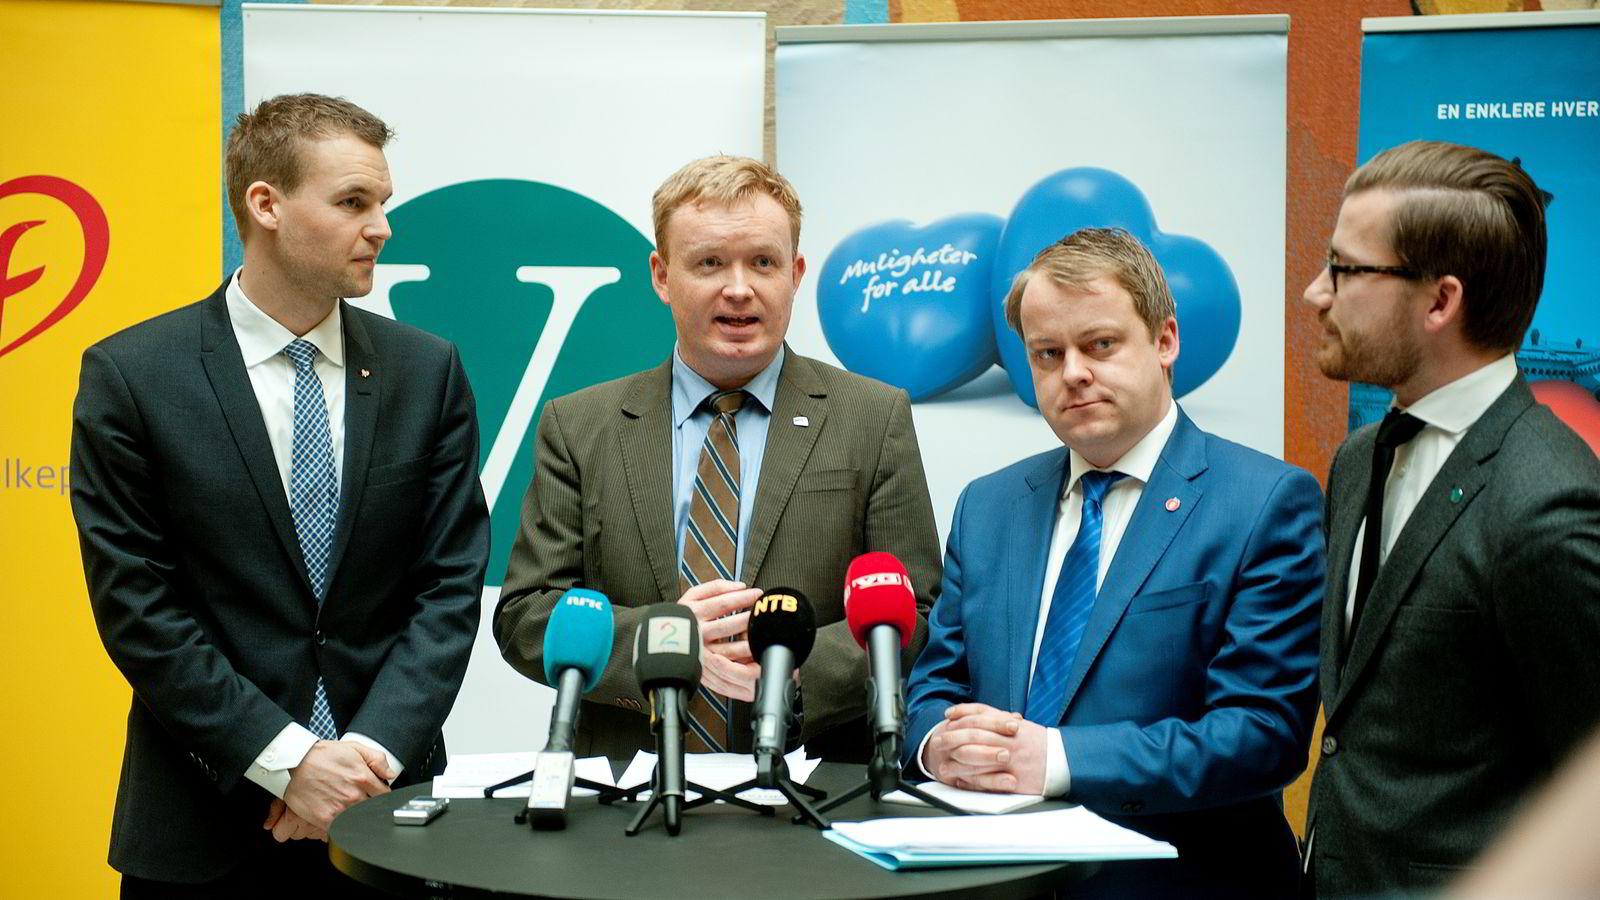 Regjeringspartiene, KrF og Venstre presenterte forslag til ny arbeidsmiljølov under en pressekonferanse i vandrehallen på Stortinget i Oslo torsdag. Foto: Jon Olav Nesvold /